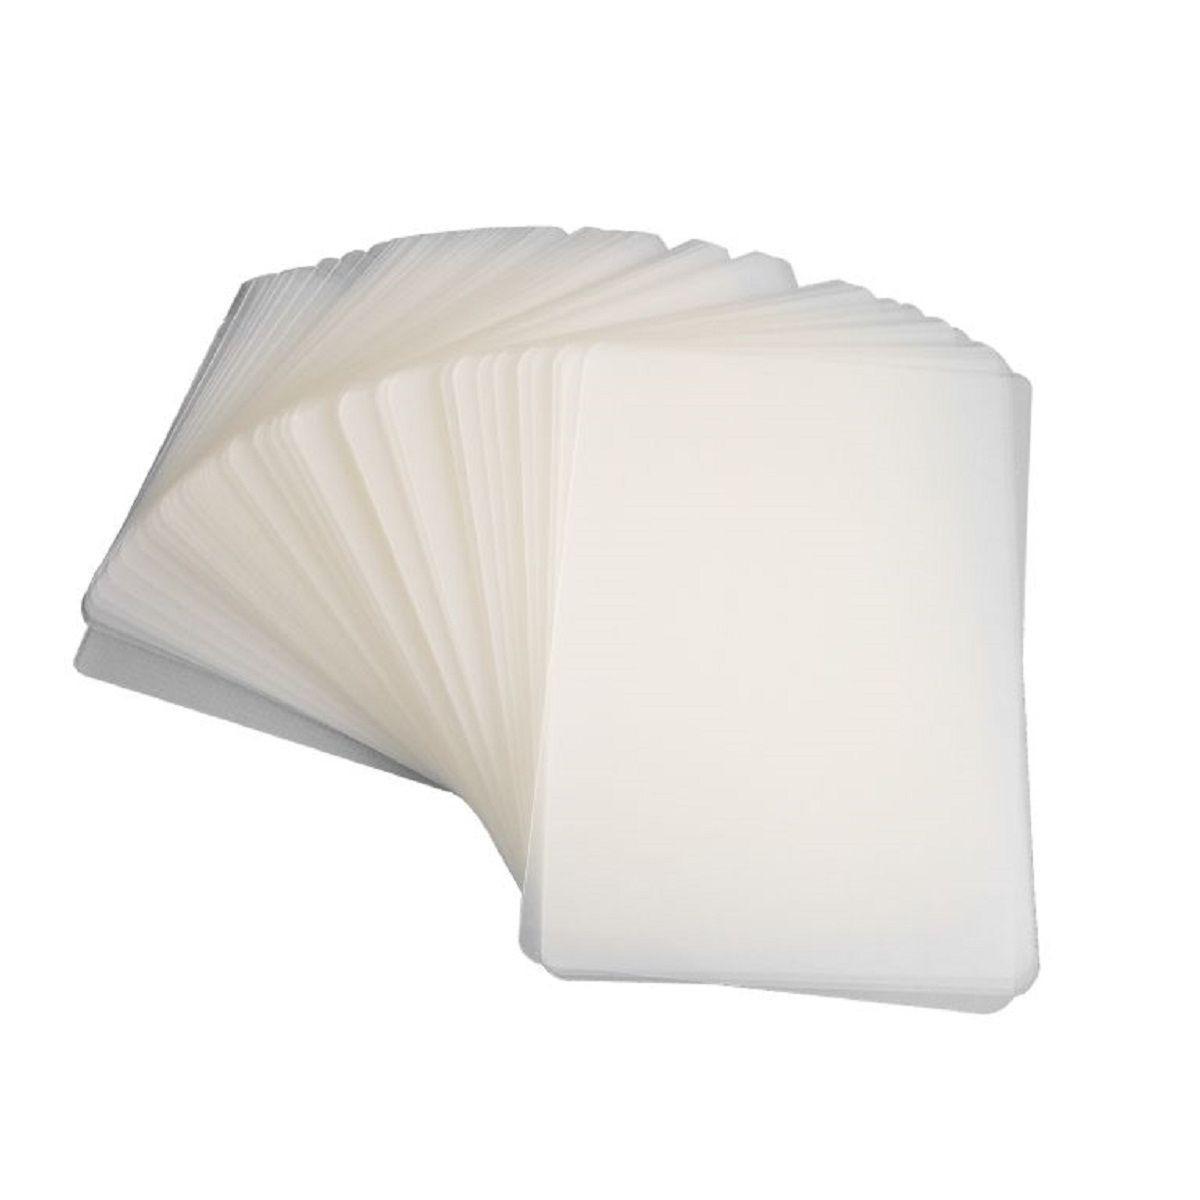 Polaseal para Plastificação Crachá 59x86x0,05mm (125 micras) - Pacote com 100 unidades  - Click Suprimentos